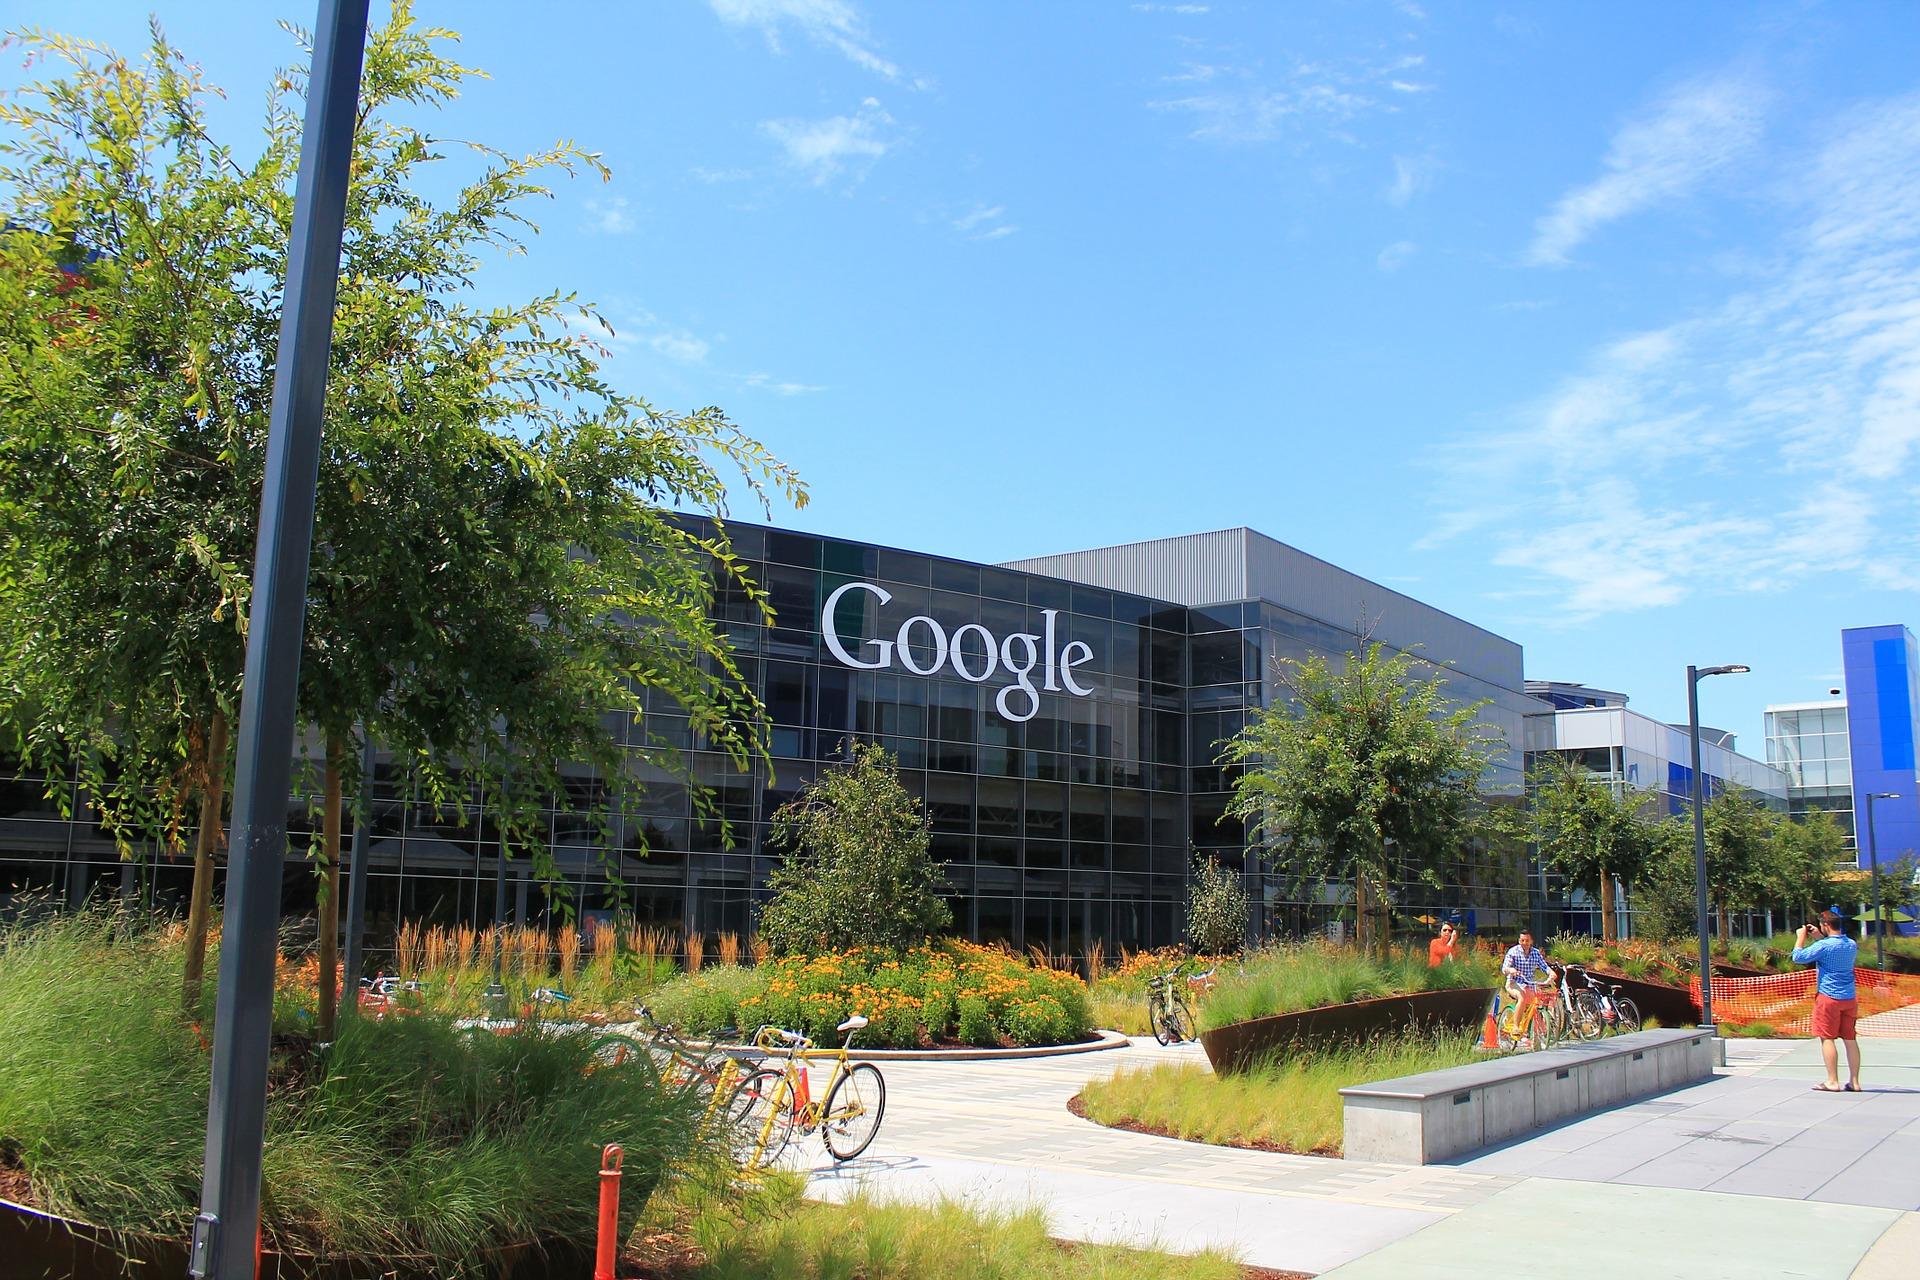 La malice de Google, le prix du Galaxy Note 10 et un conseil de survie – Tech'spresso